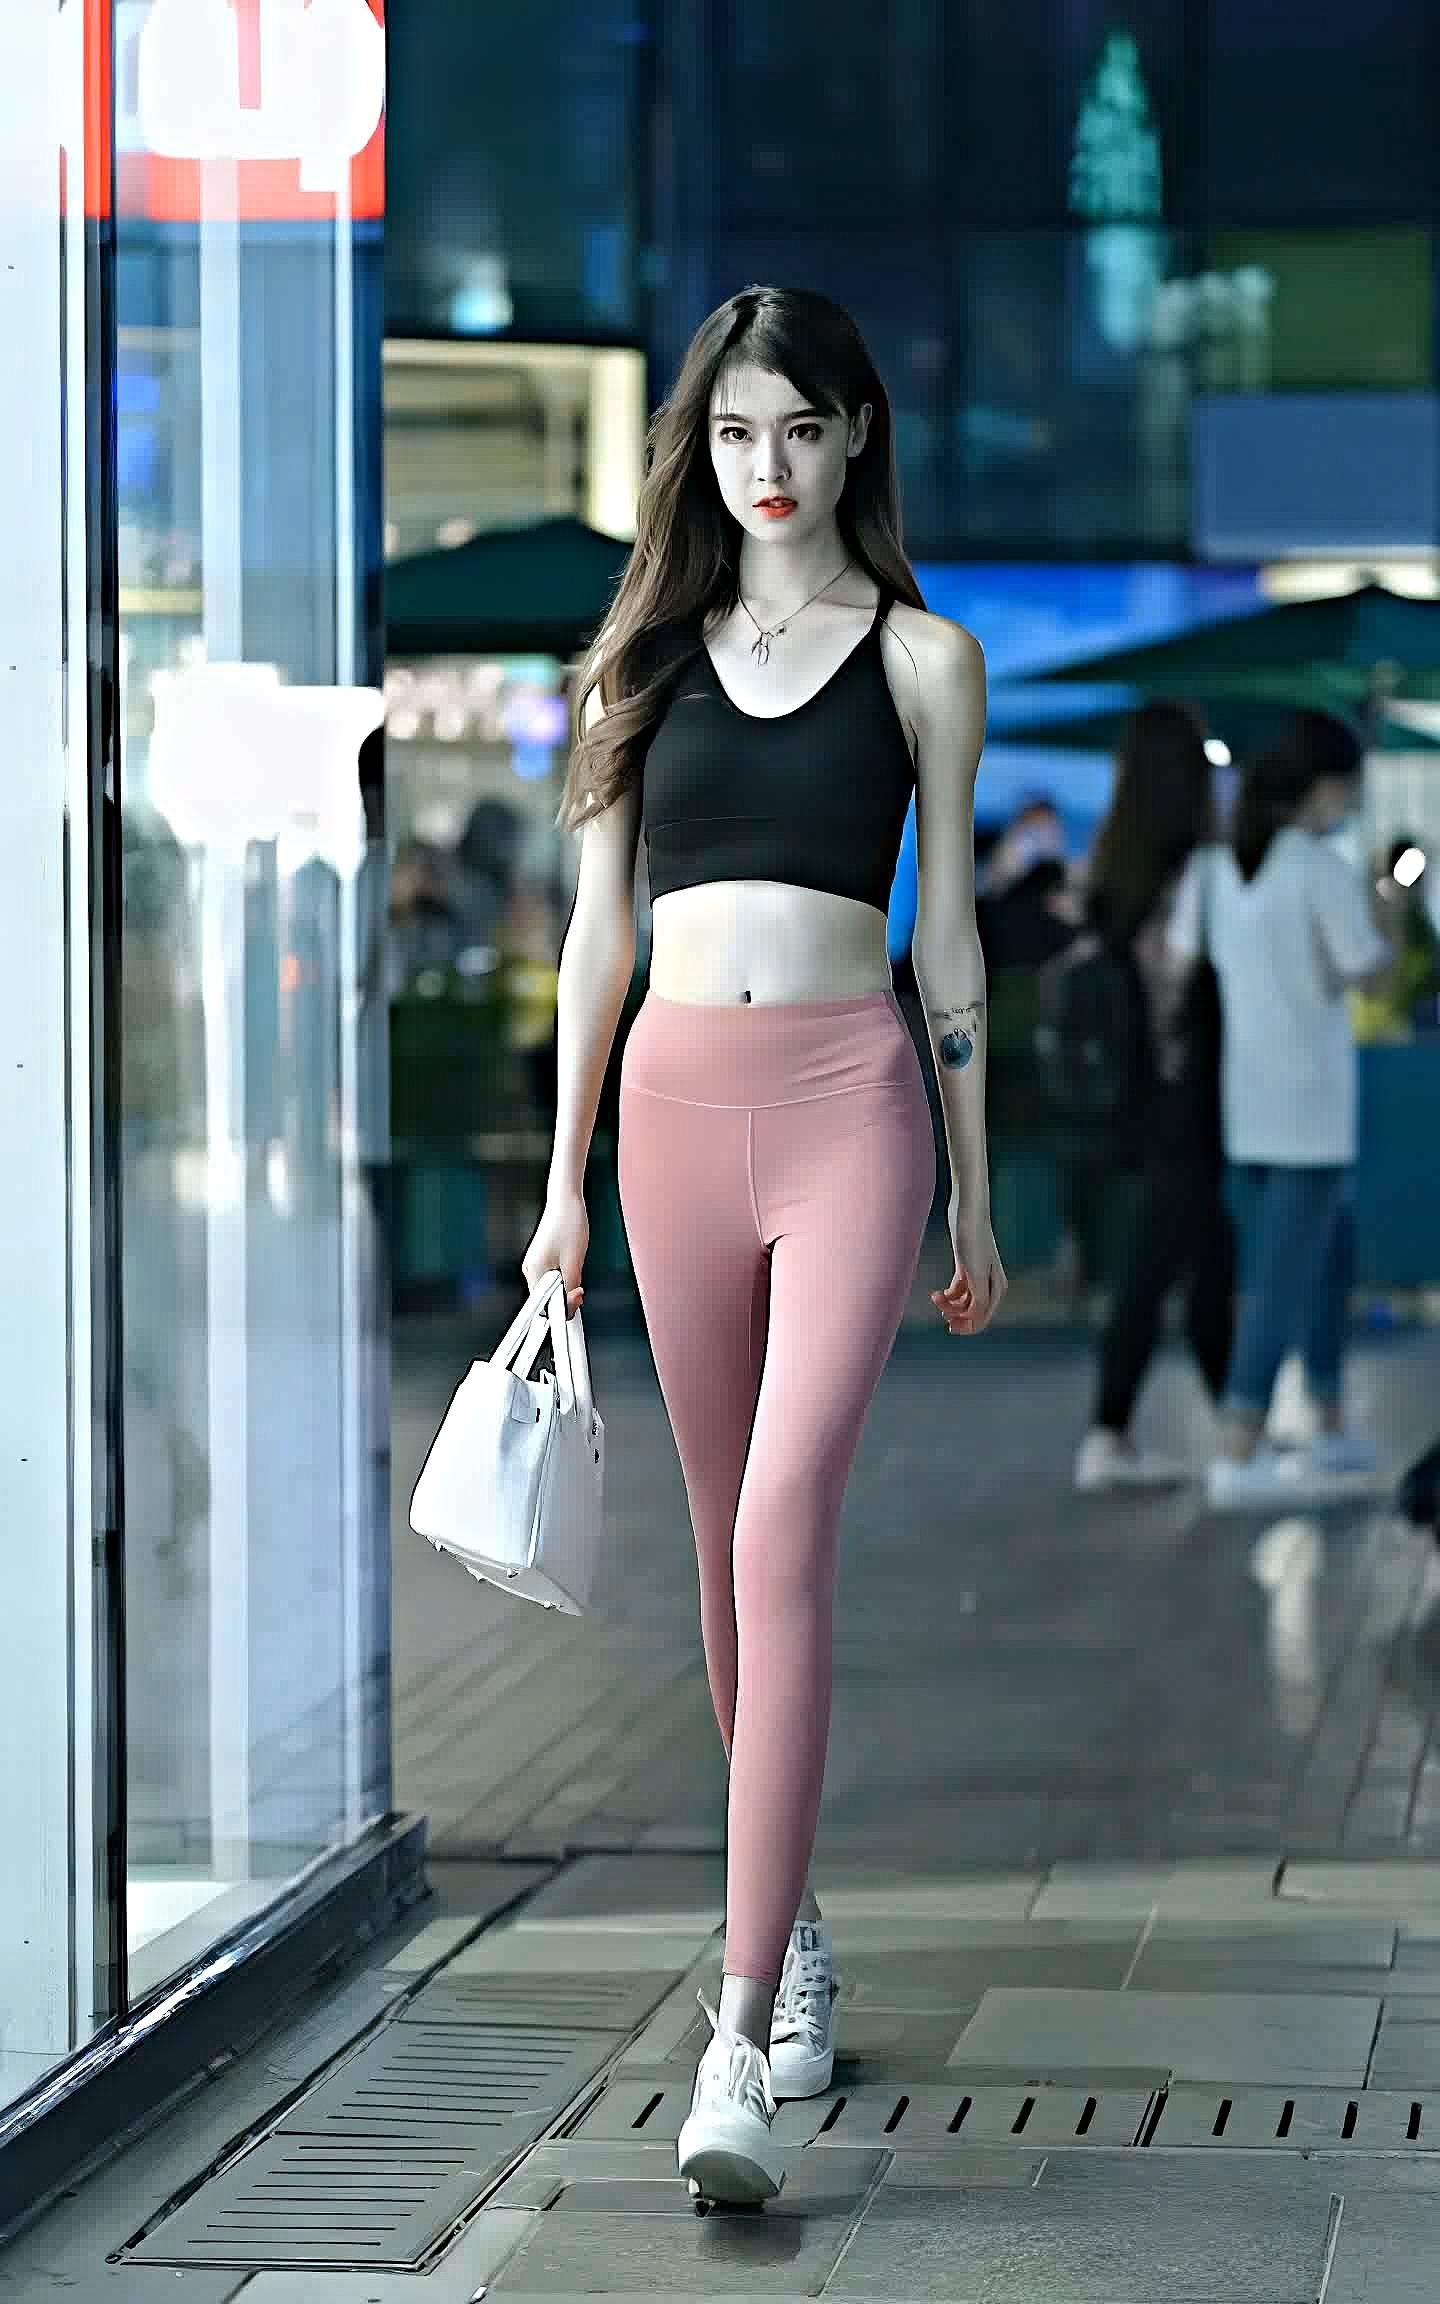 爱健身的女孩子可以试一试,这样子穿搭显优势大长腿不浪费